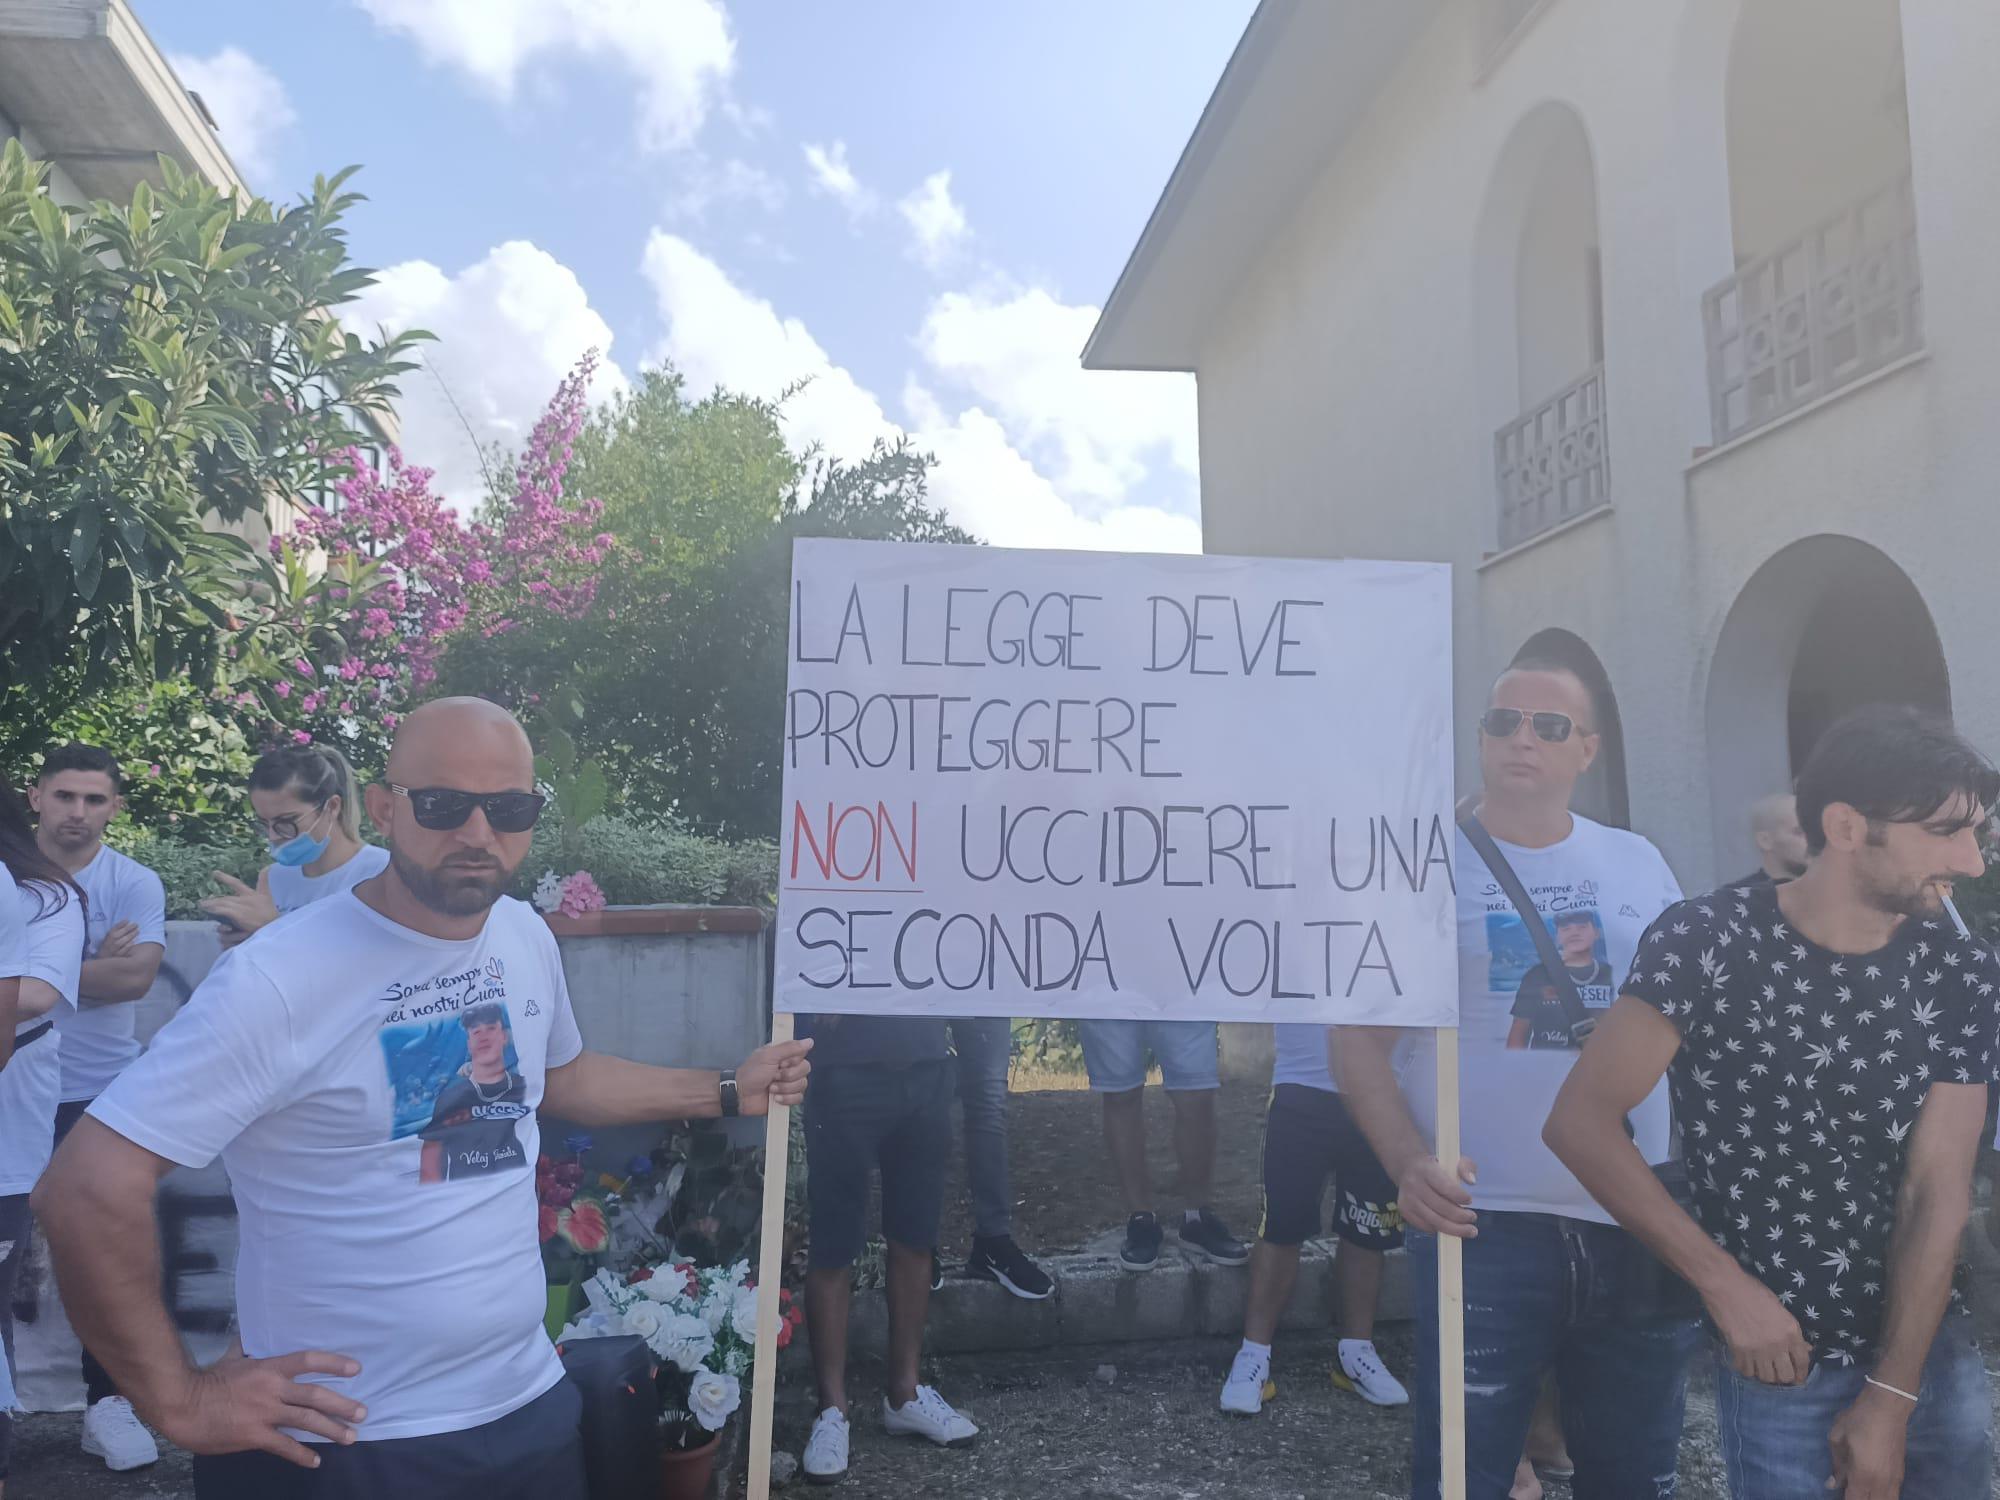 Corropoli, giustizia per Daniele: in tanti al corteo per ricordare il giovane investito FOTO VIDEO